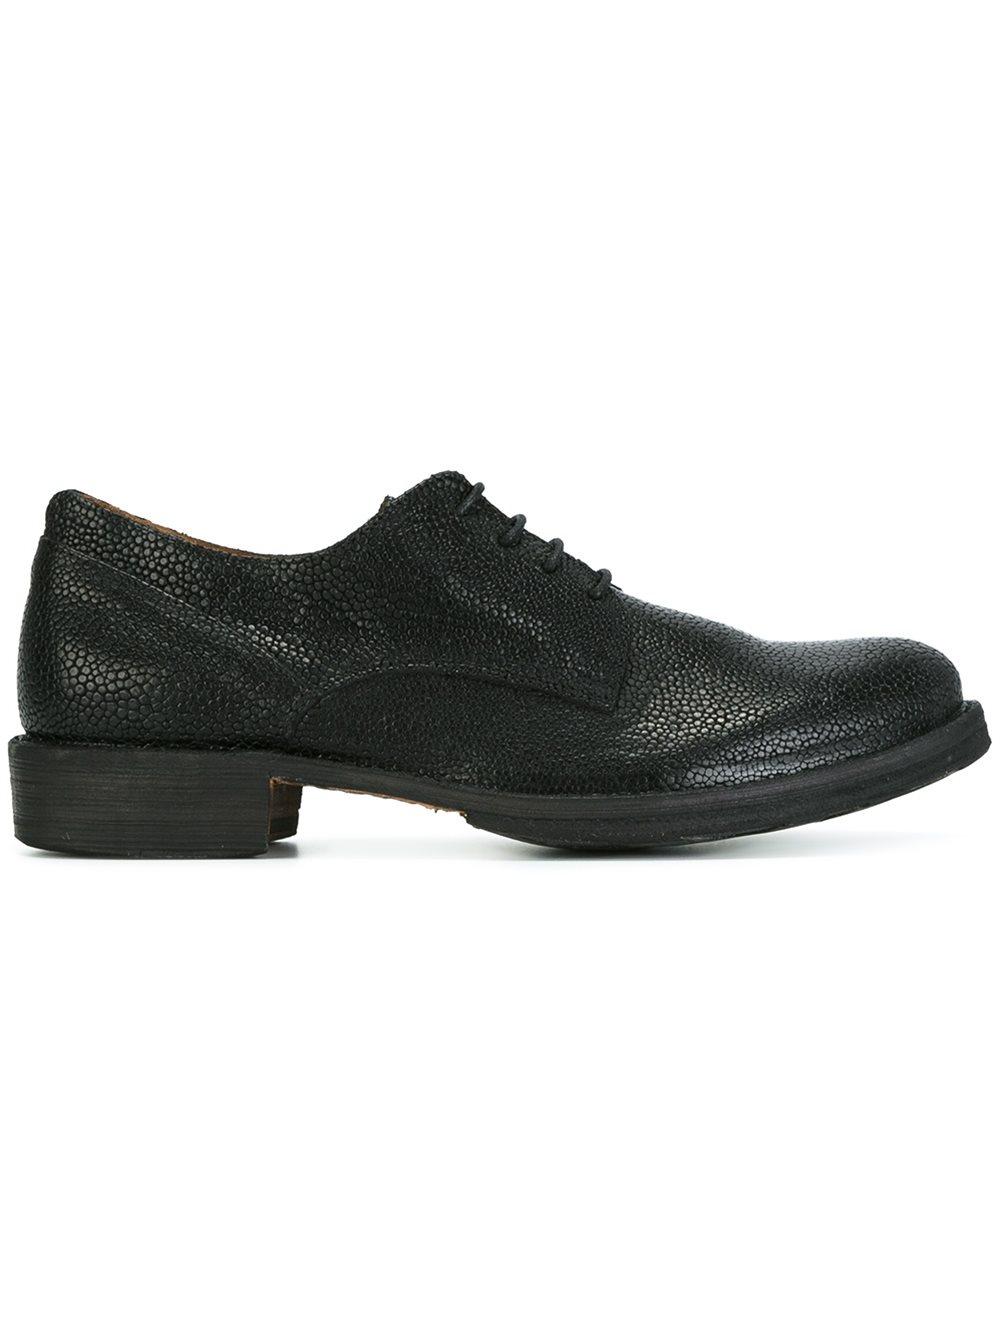 fiorentini baker 39 eternity 39 derby shoes in black for men. Black Bedroom Furniture Sets. Home Design Ideas